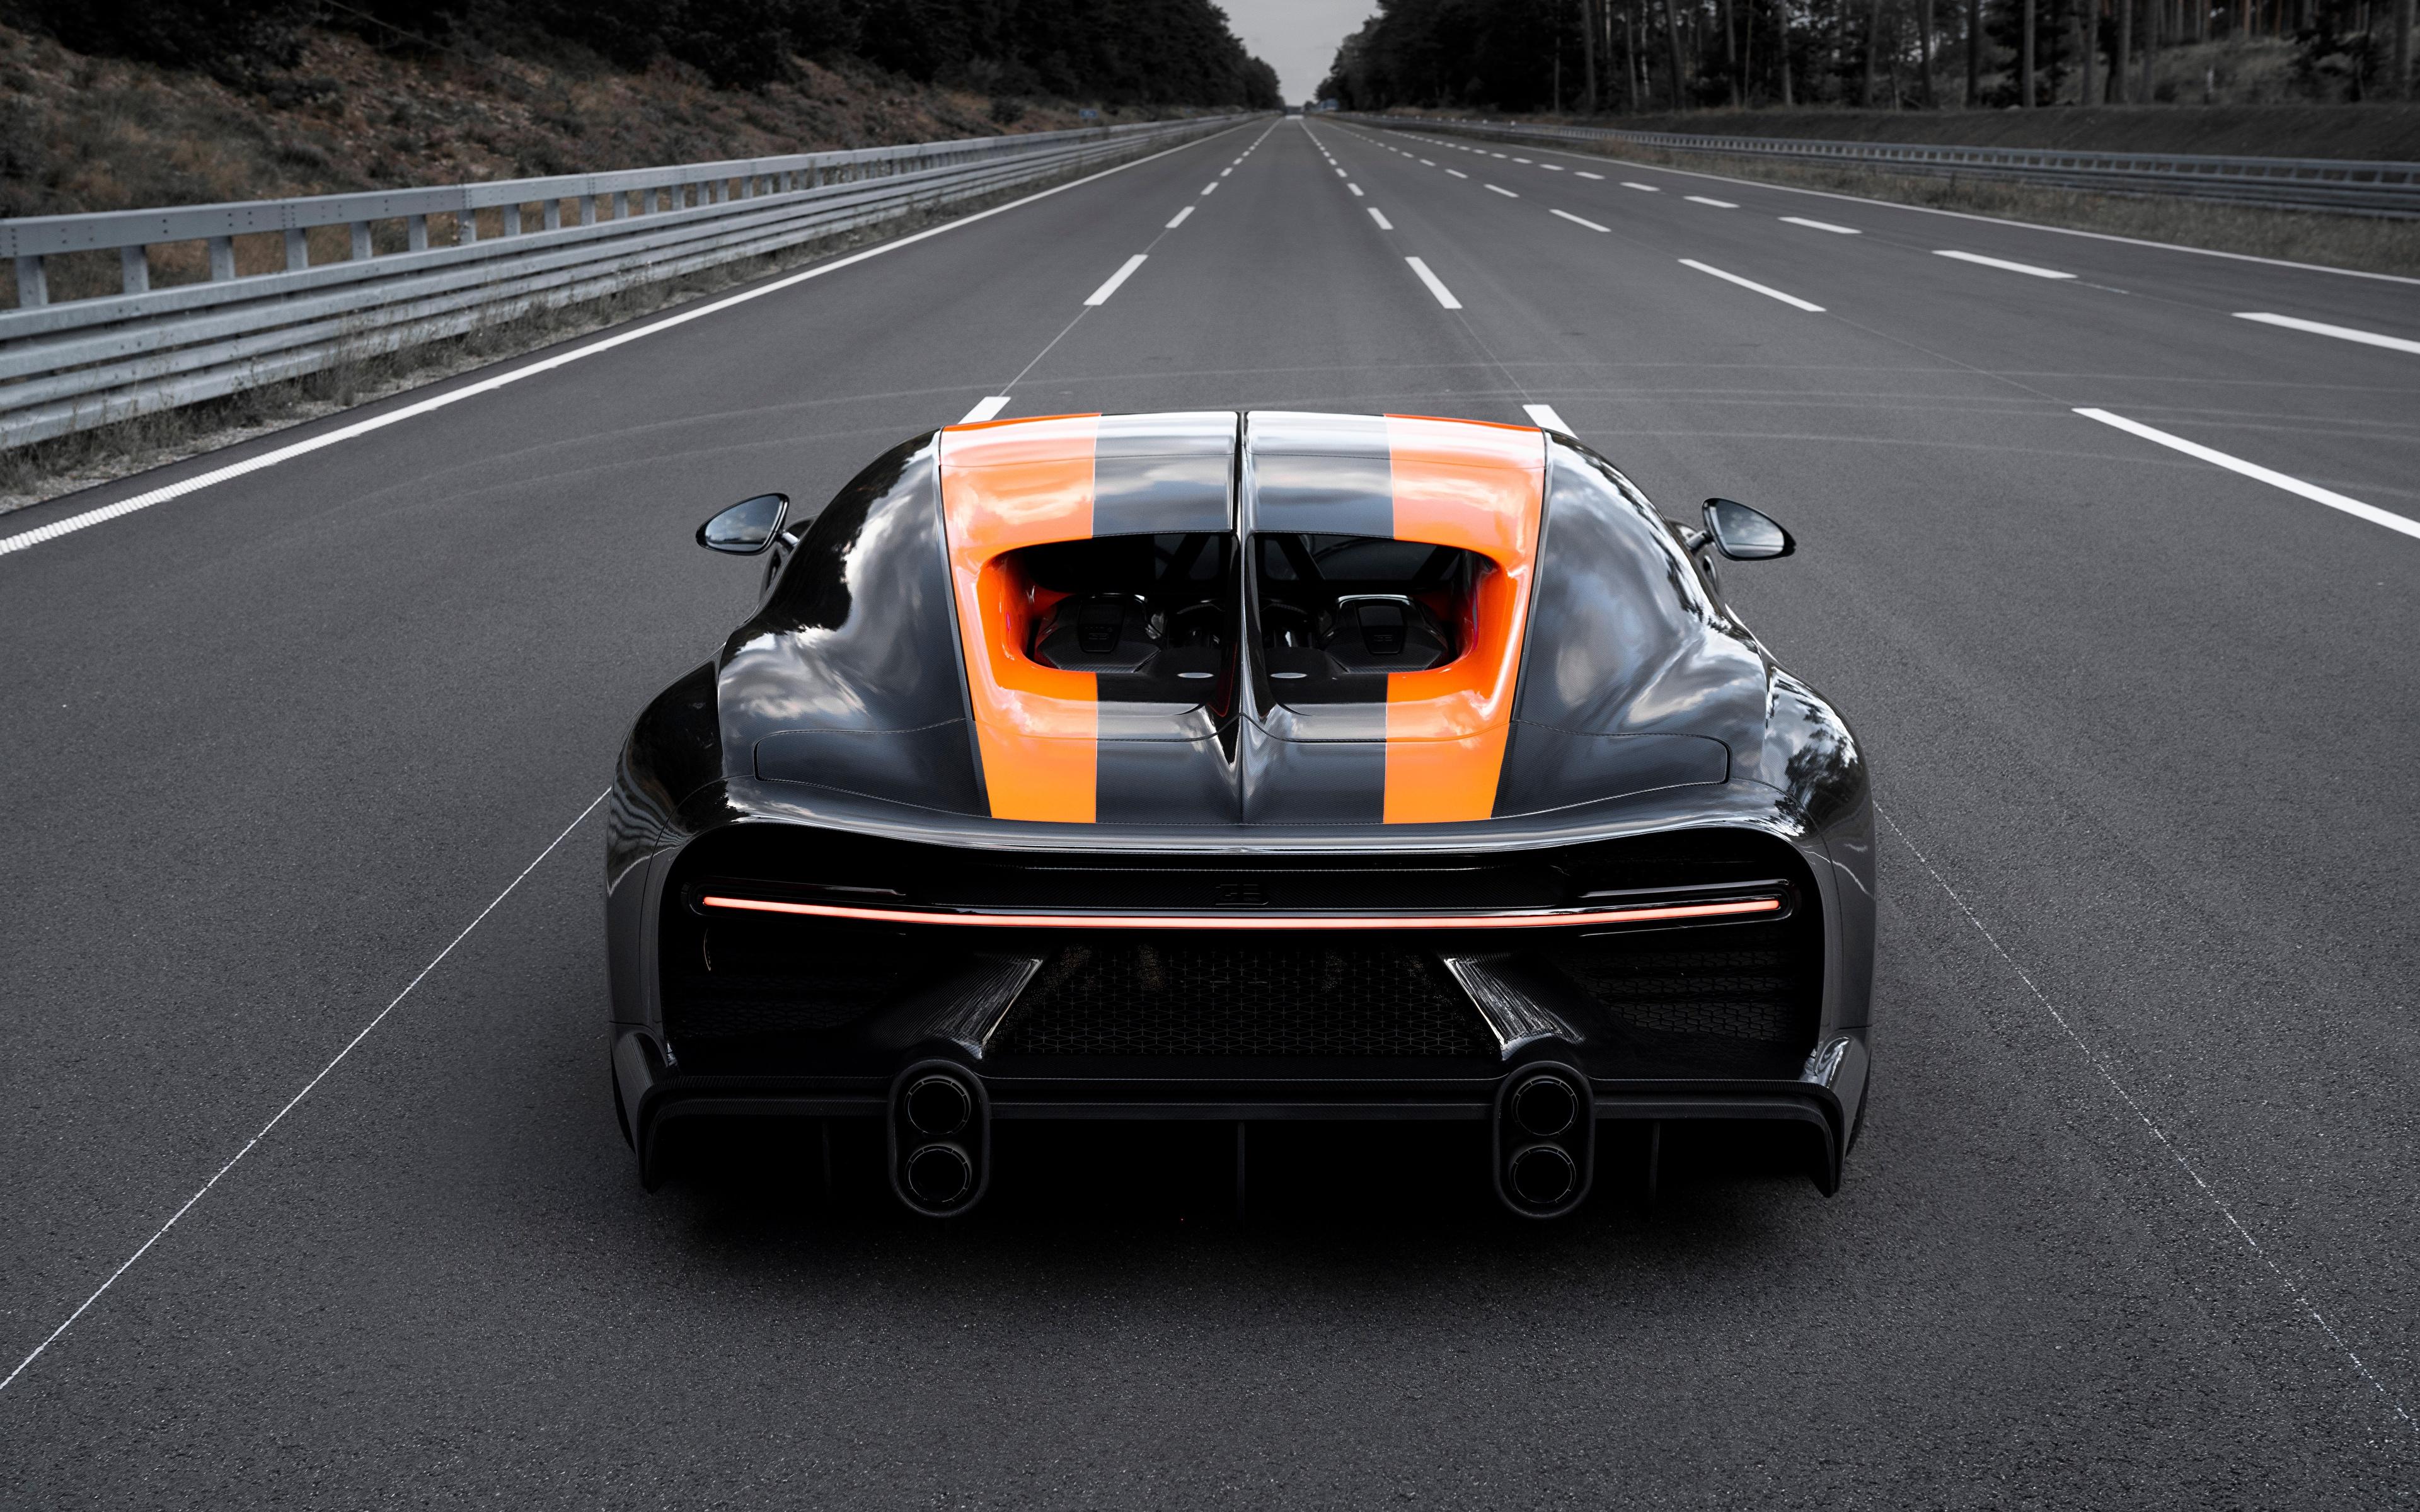 Picture Bugatti Chiron Super Sport 300 Roads Cars Back 3840x2400